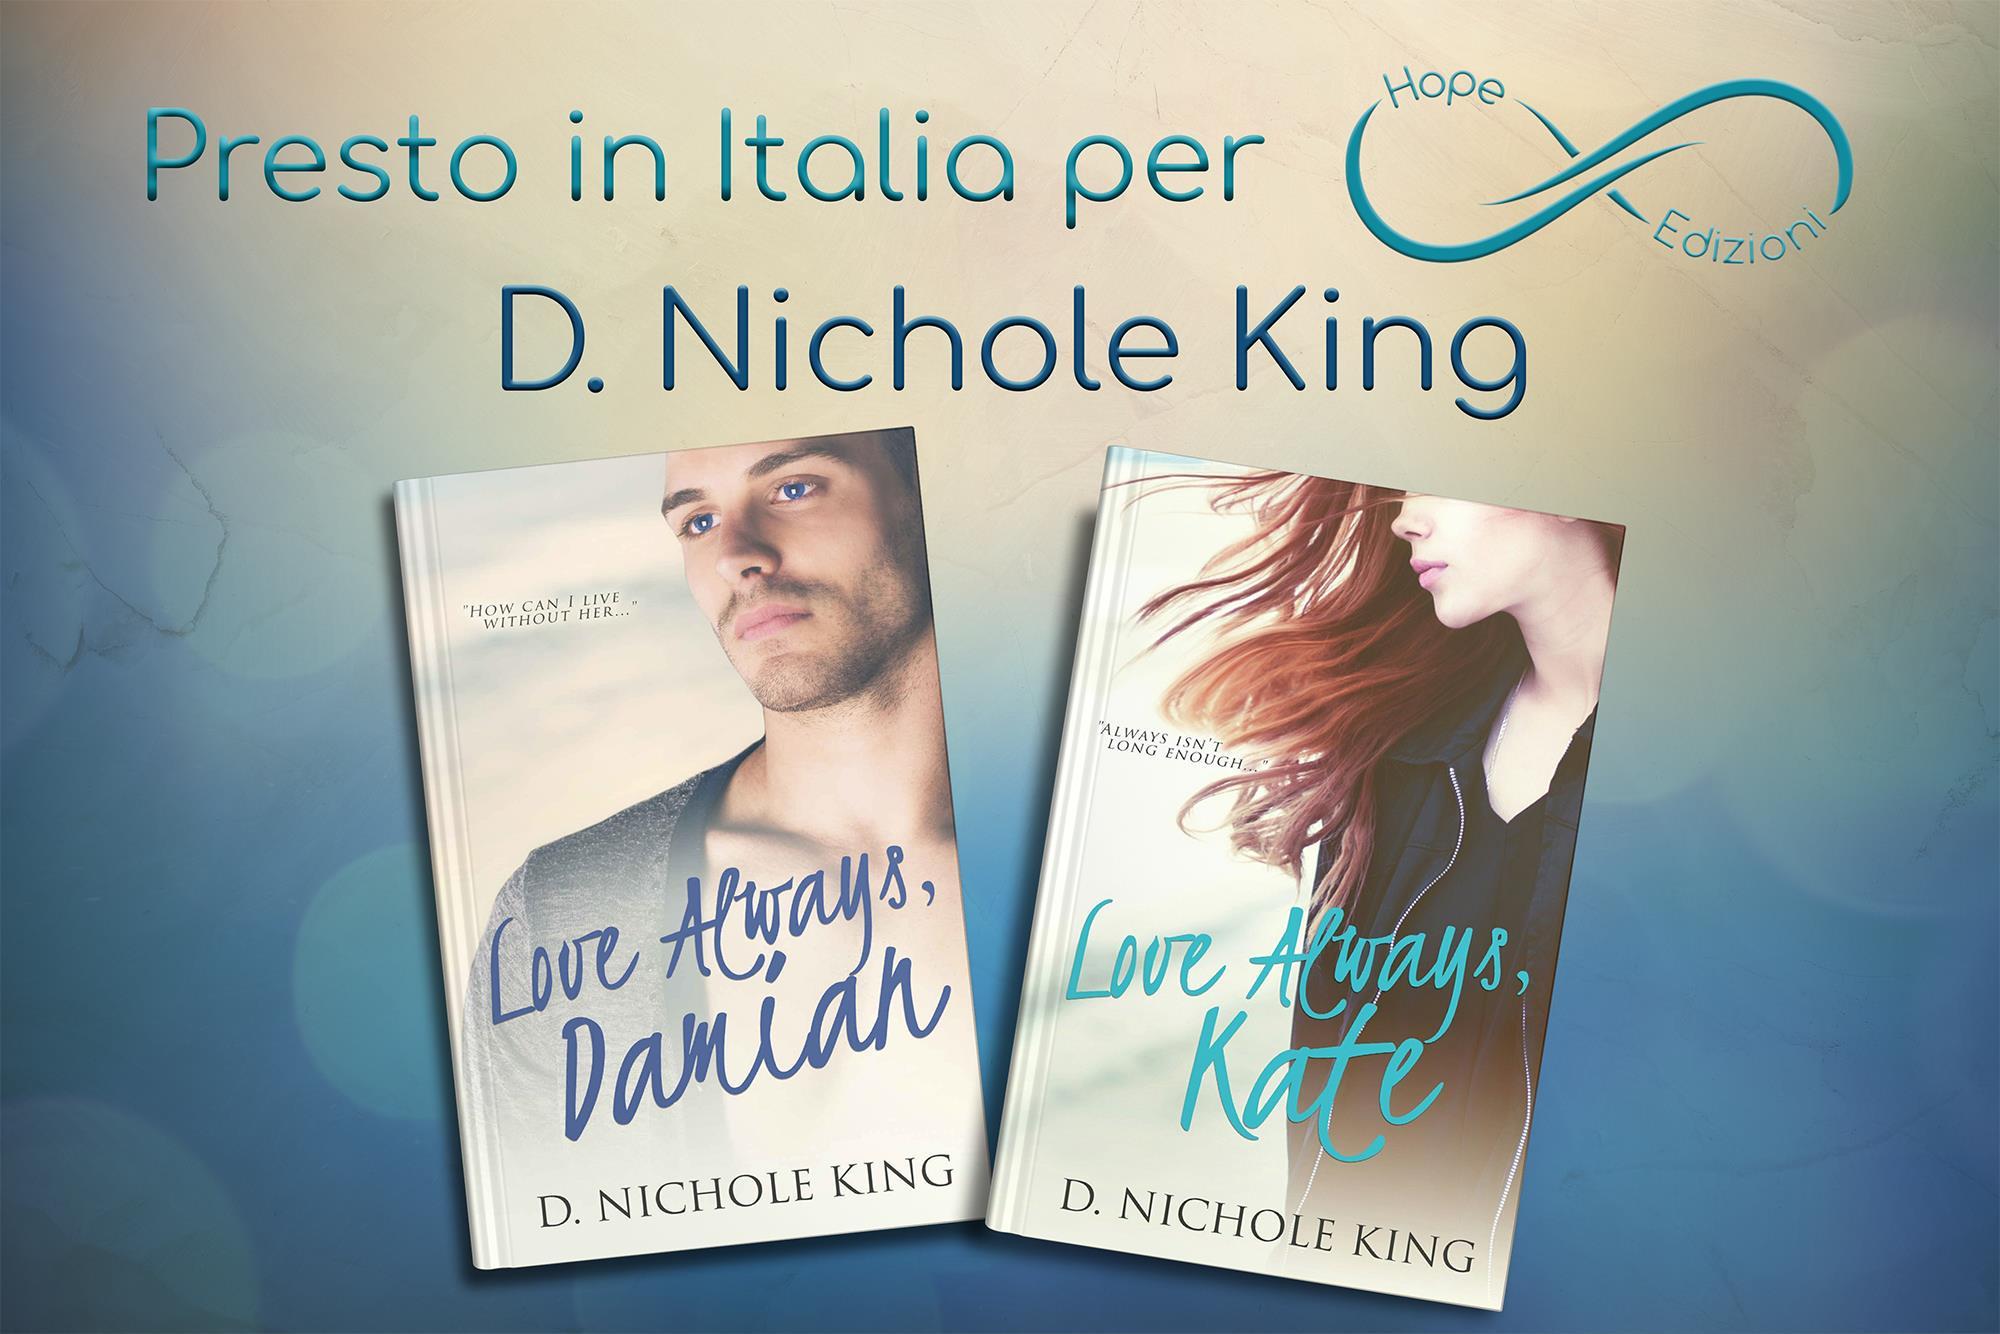 Presto in Italia… D. Nichole King!